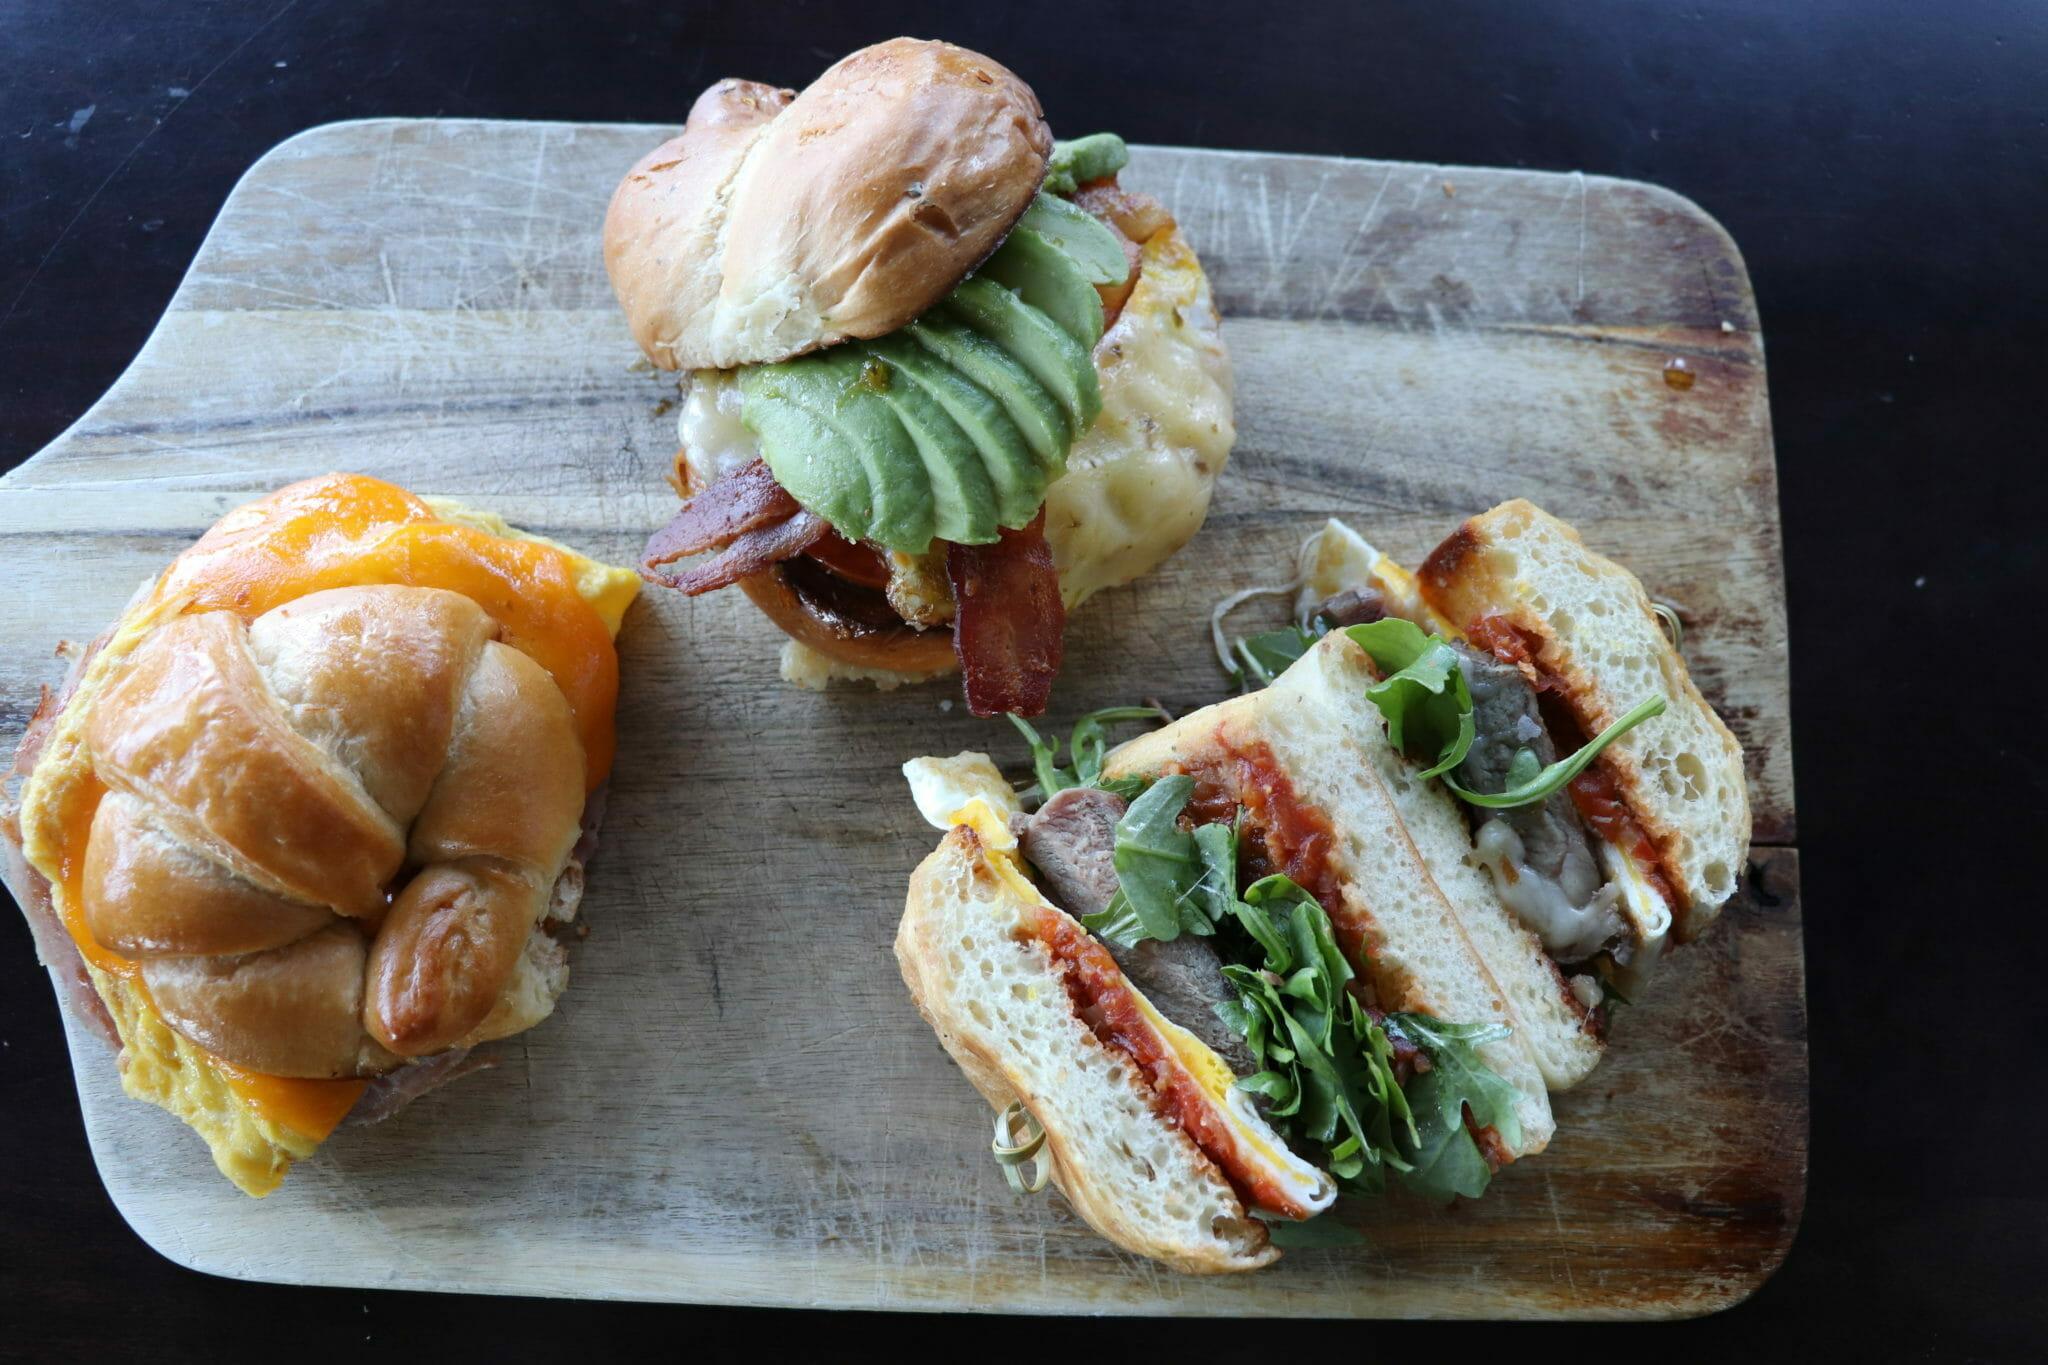 Three breakfast sandwiches on cutting board